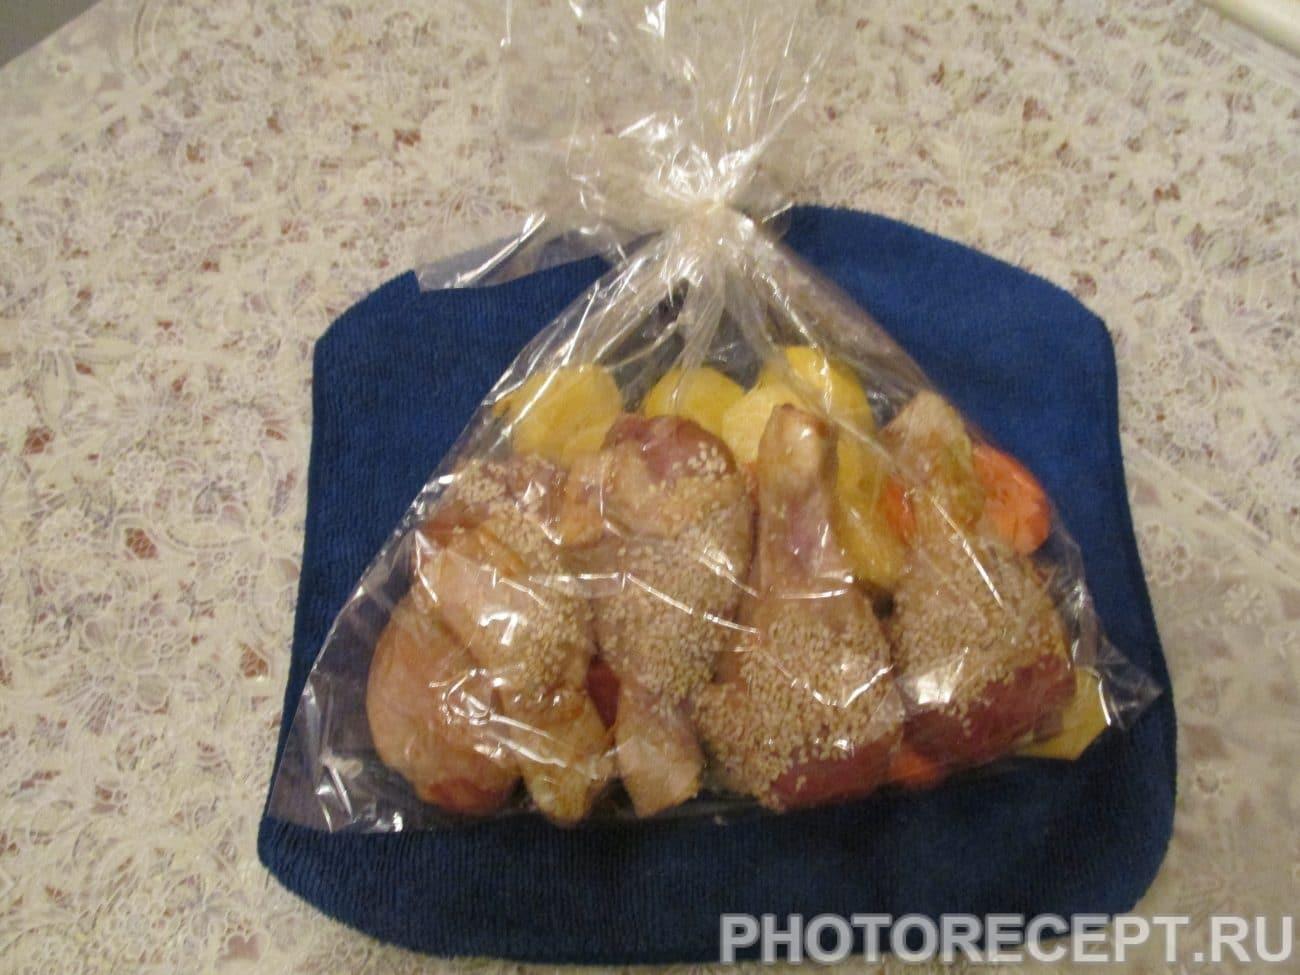 Как сделать картошку в пакете для запекания фото